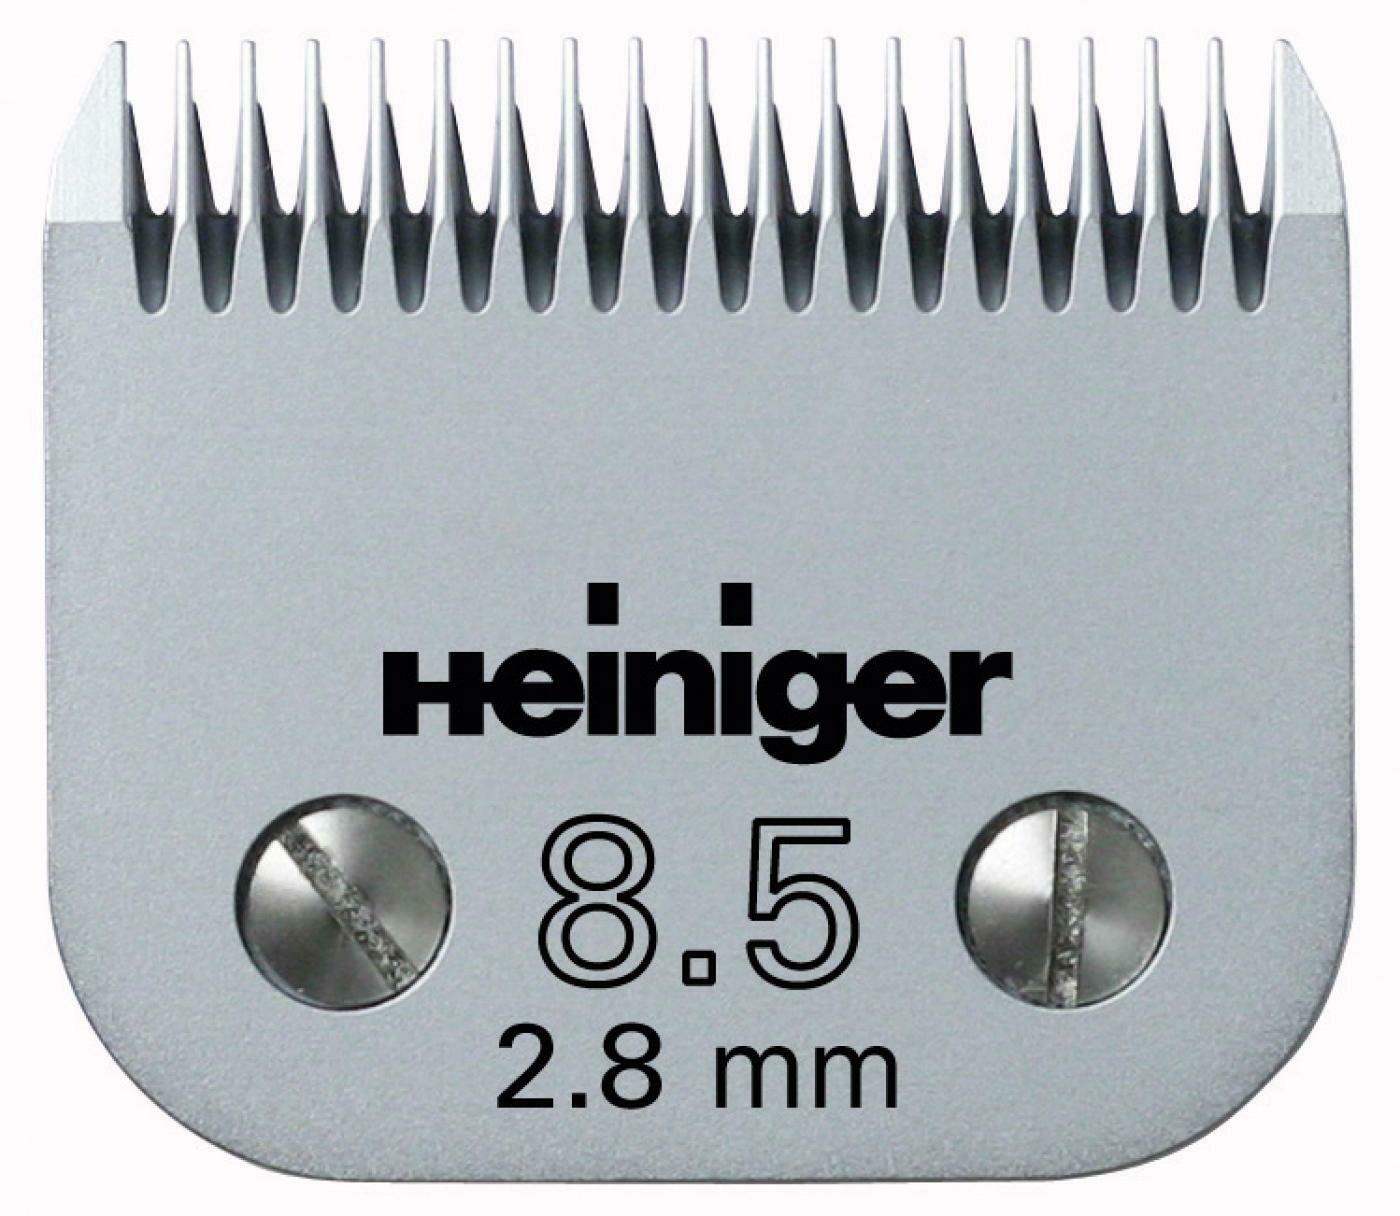 Scherkopf SAPHIR #8.5/2.8 mm